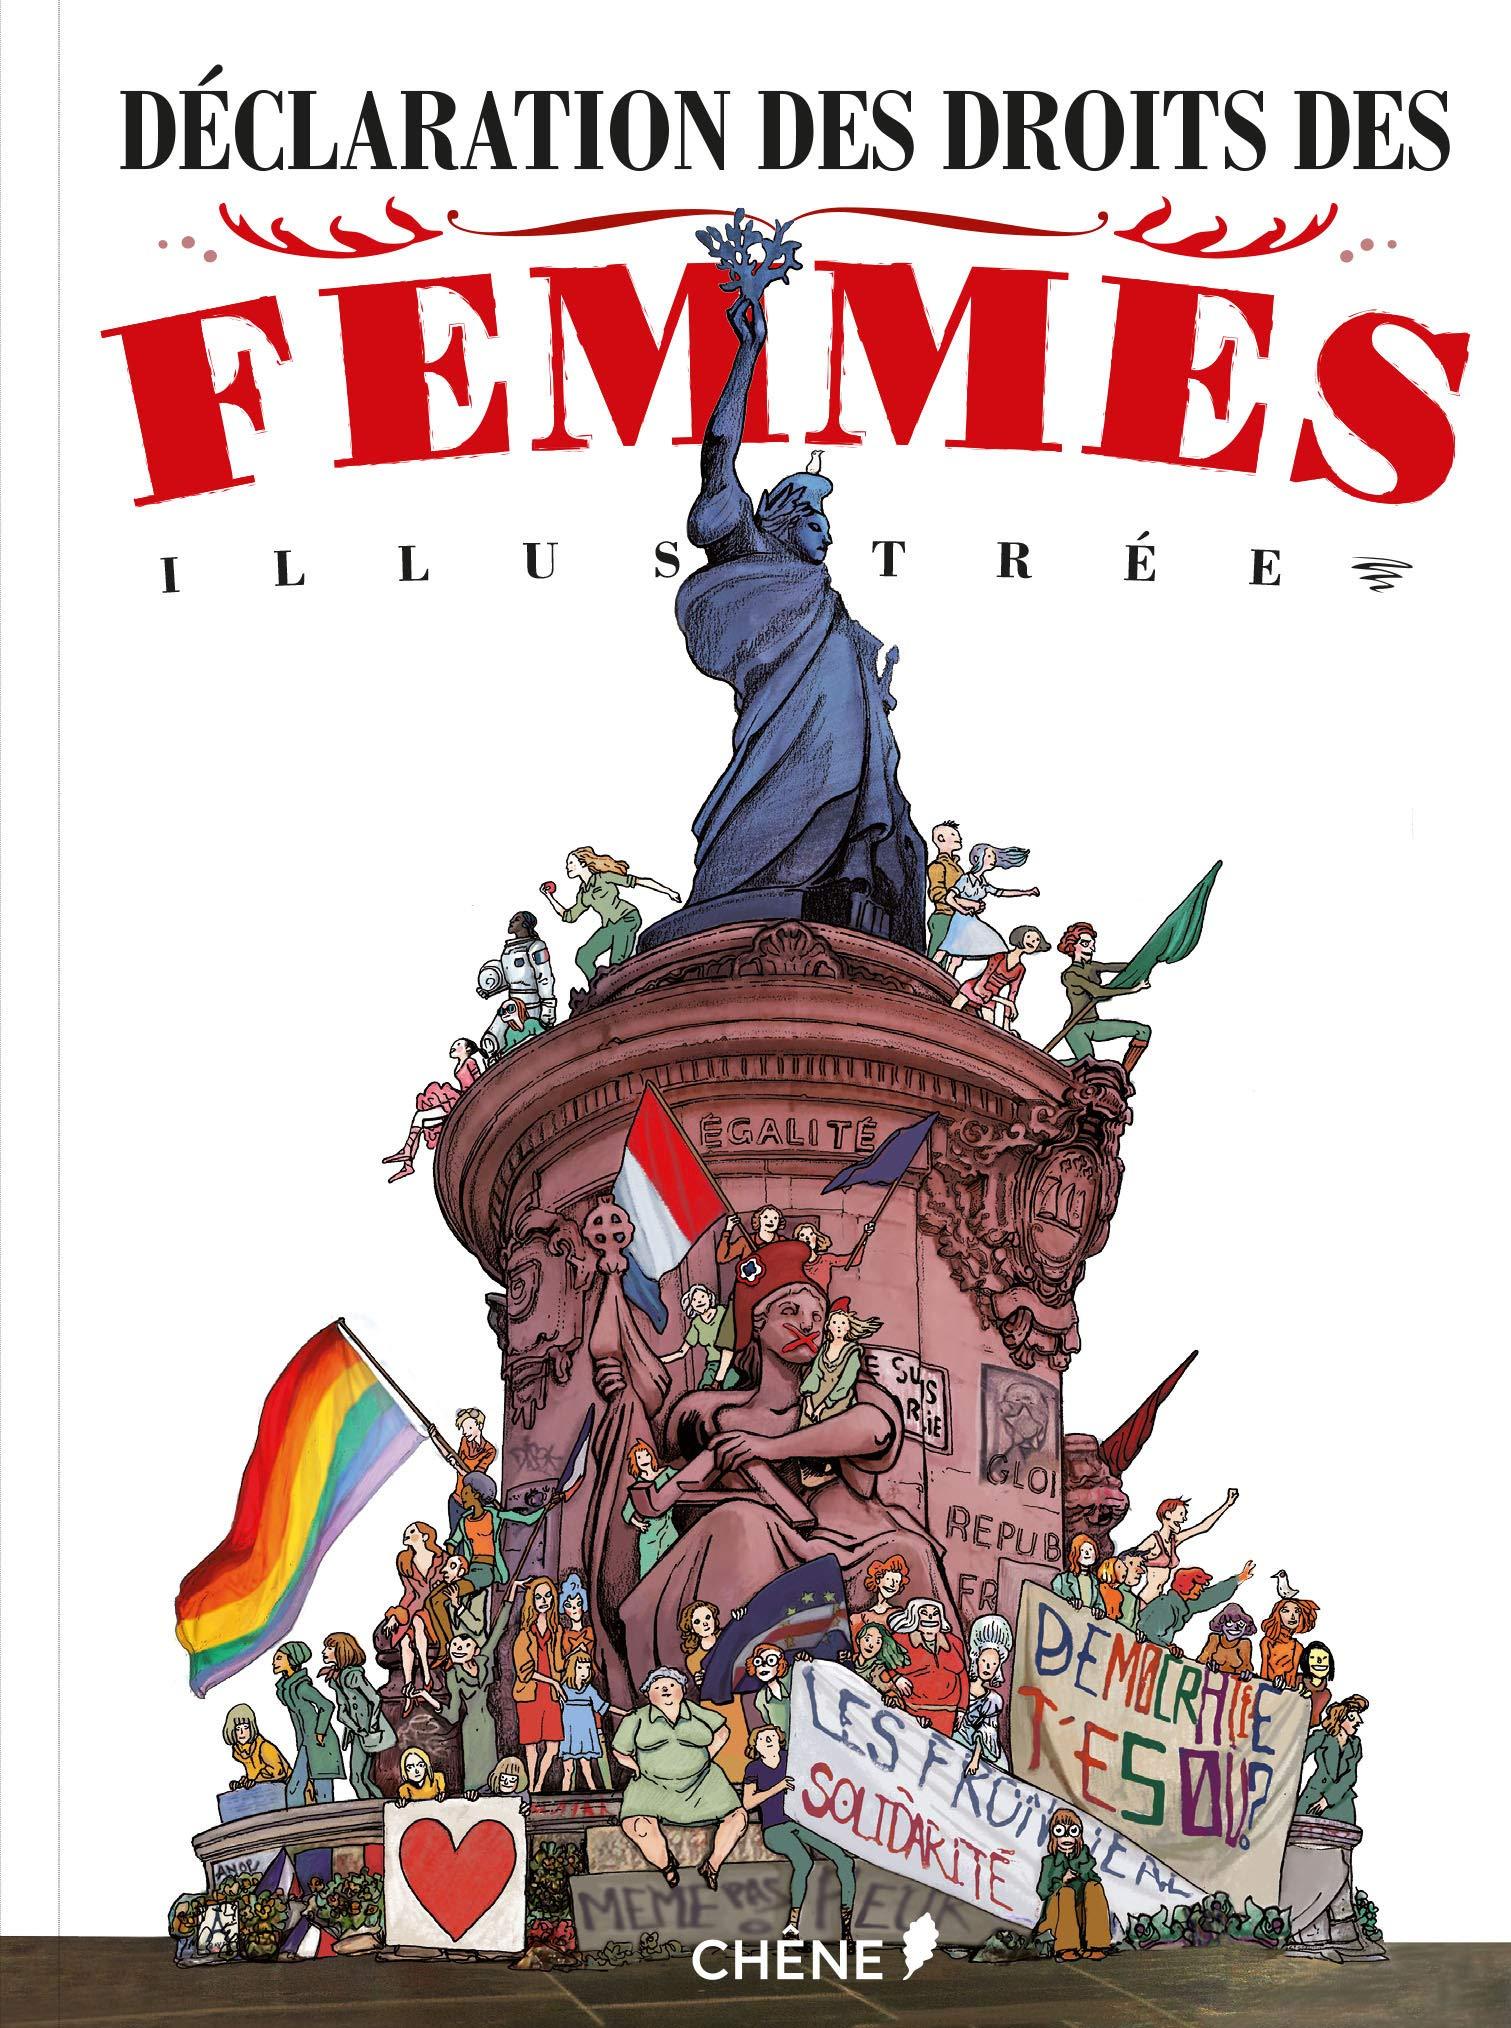 Déclaration des droits de la femme illustrée